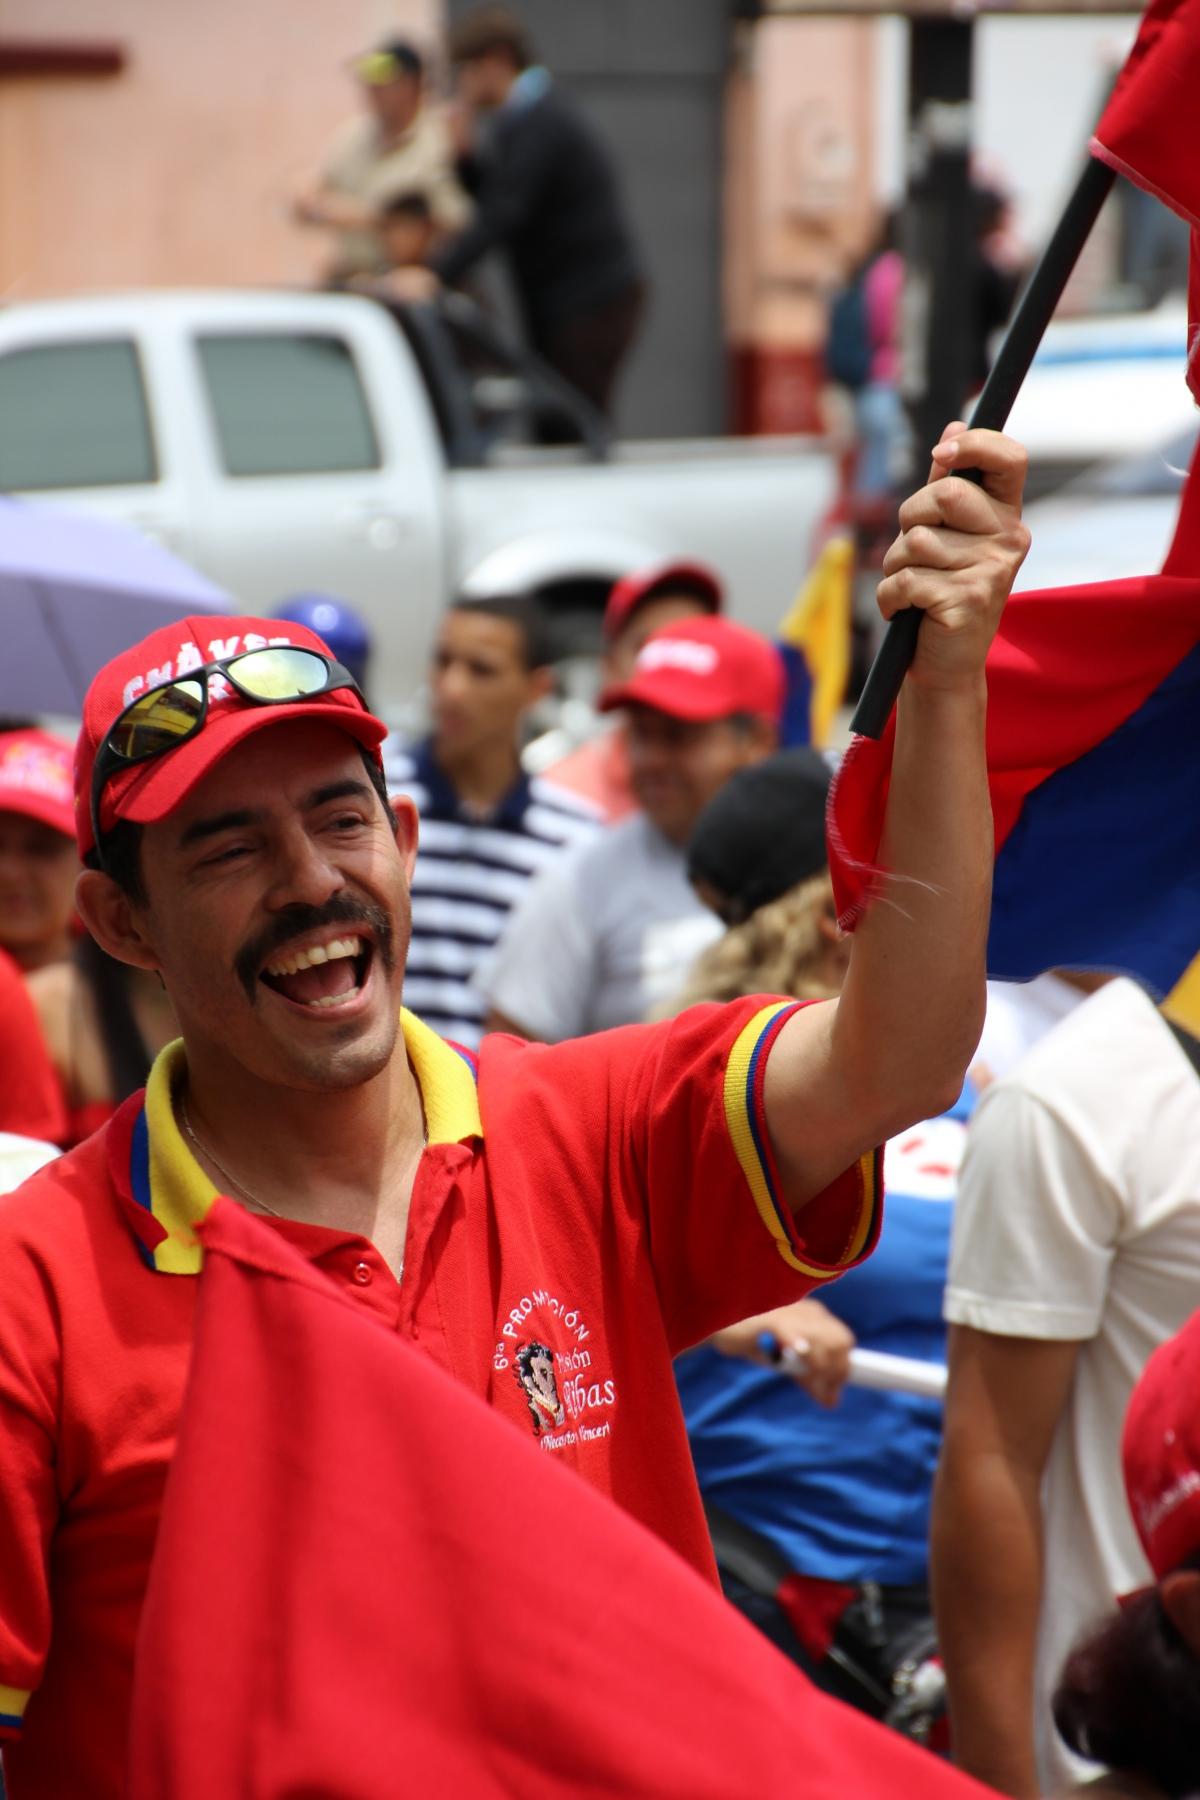 (Ryan Mallett-Outtrim/Venezuelanalysis)